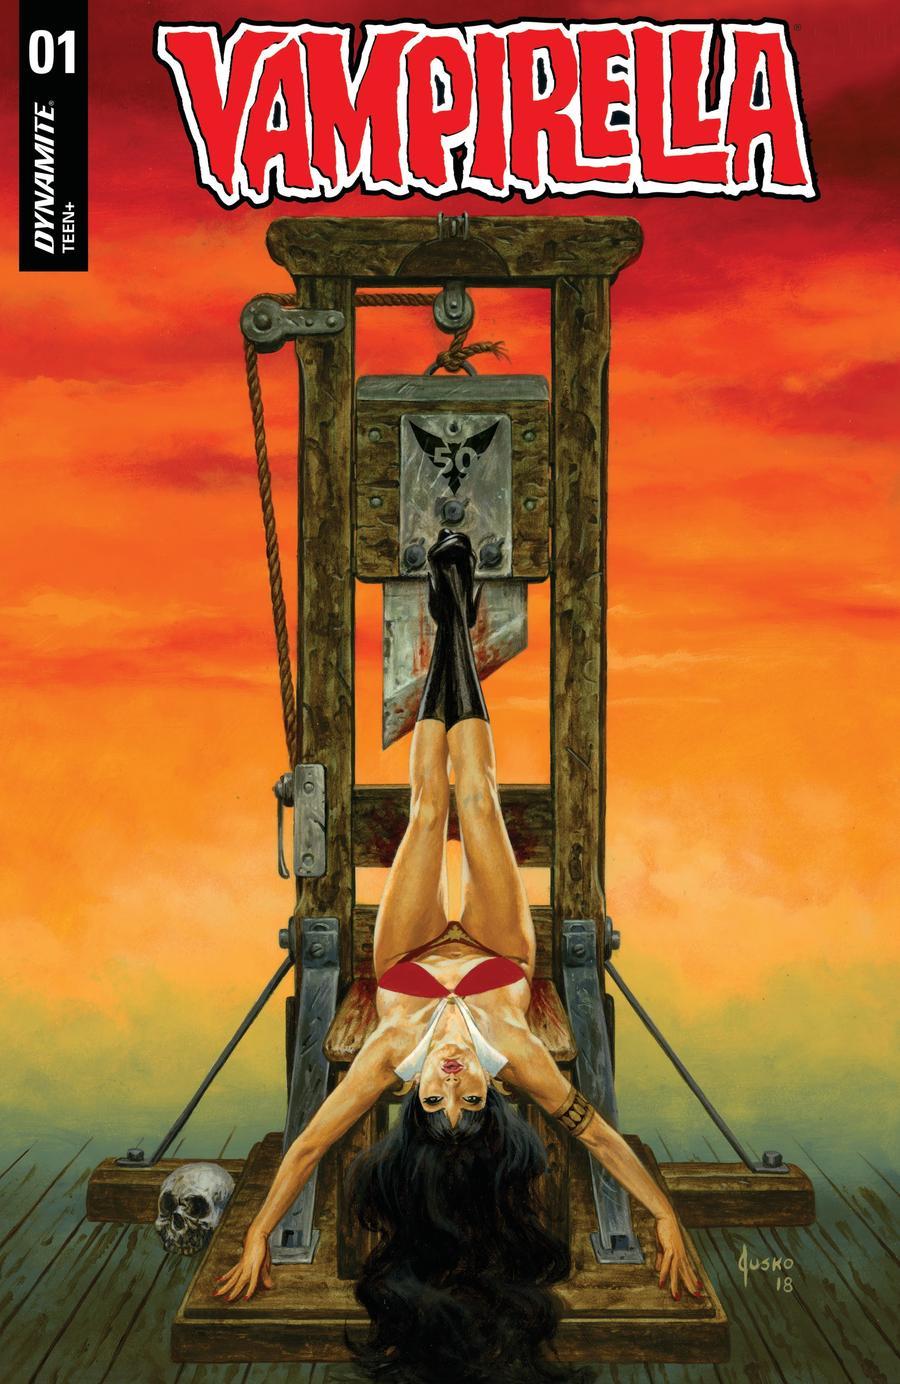 Vampirella Vol 8 #1 Cover Y Variant Joe Jusko Cover CGC Graded